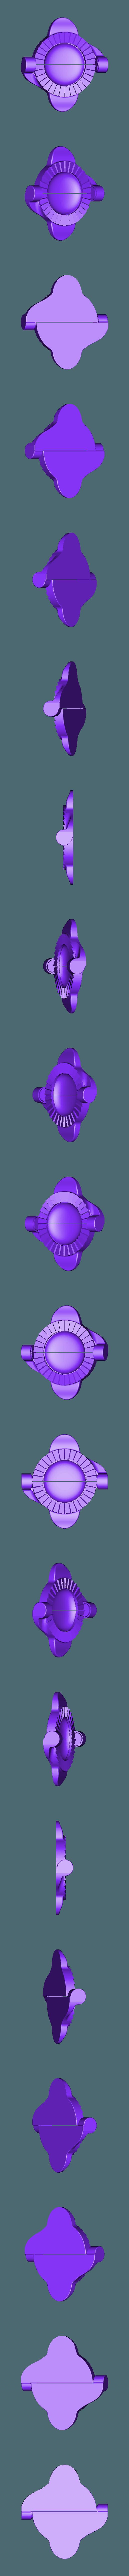 Dumpling_Maker_Fanned_extra_clearance.stl Download free STL file Dumpling Press • Design to 3D print, Oggie